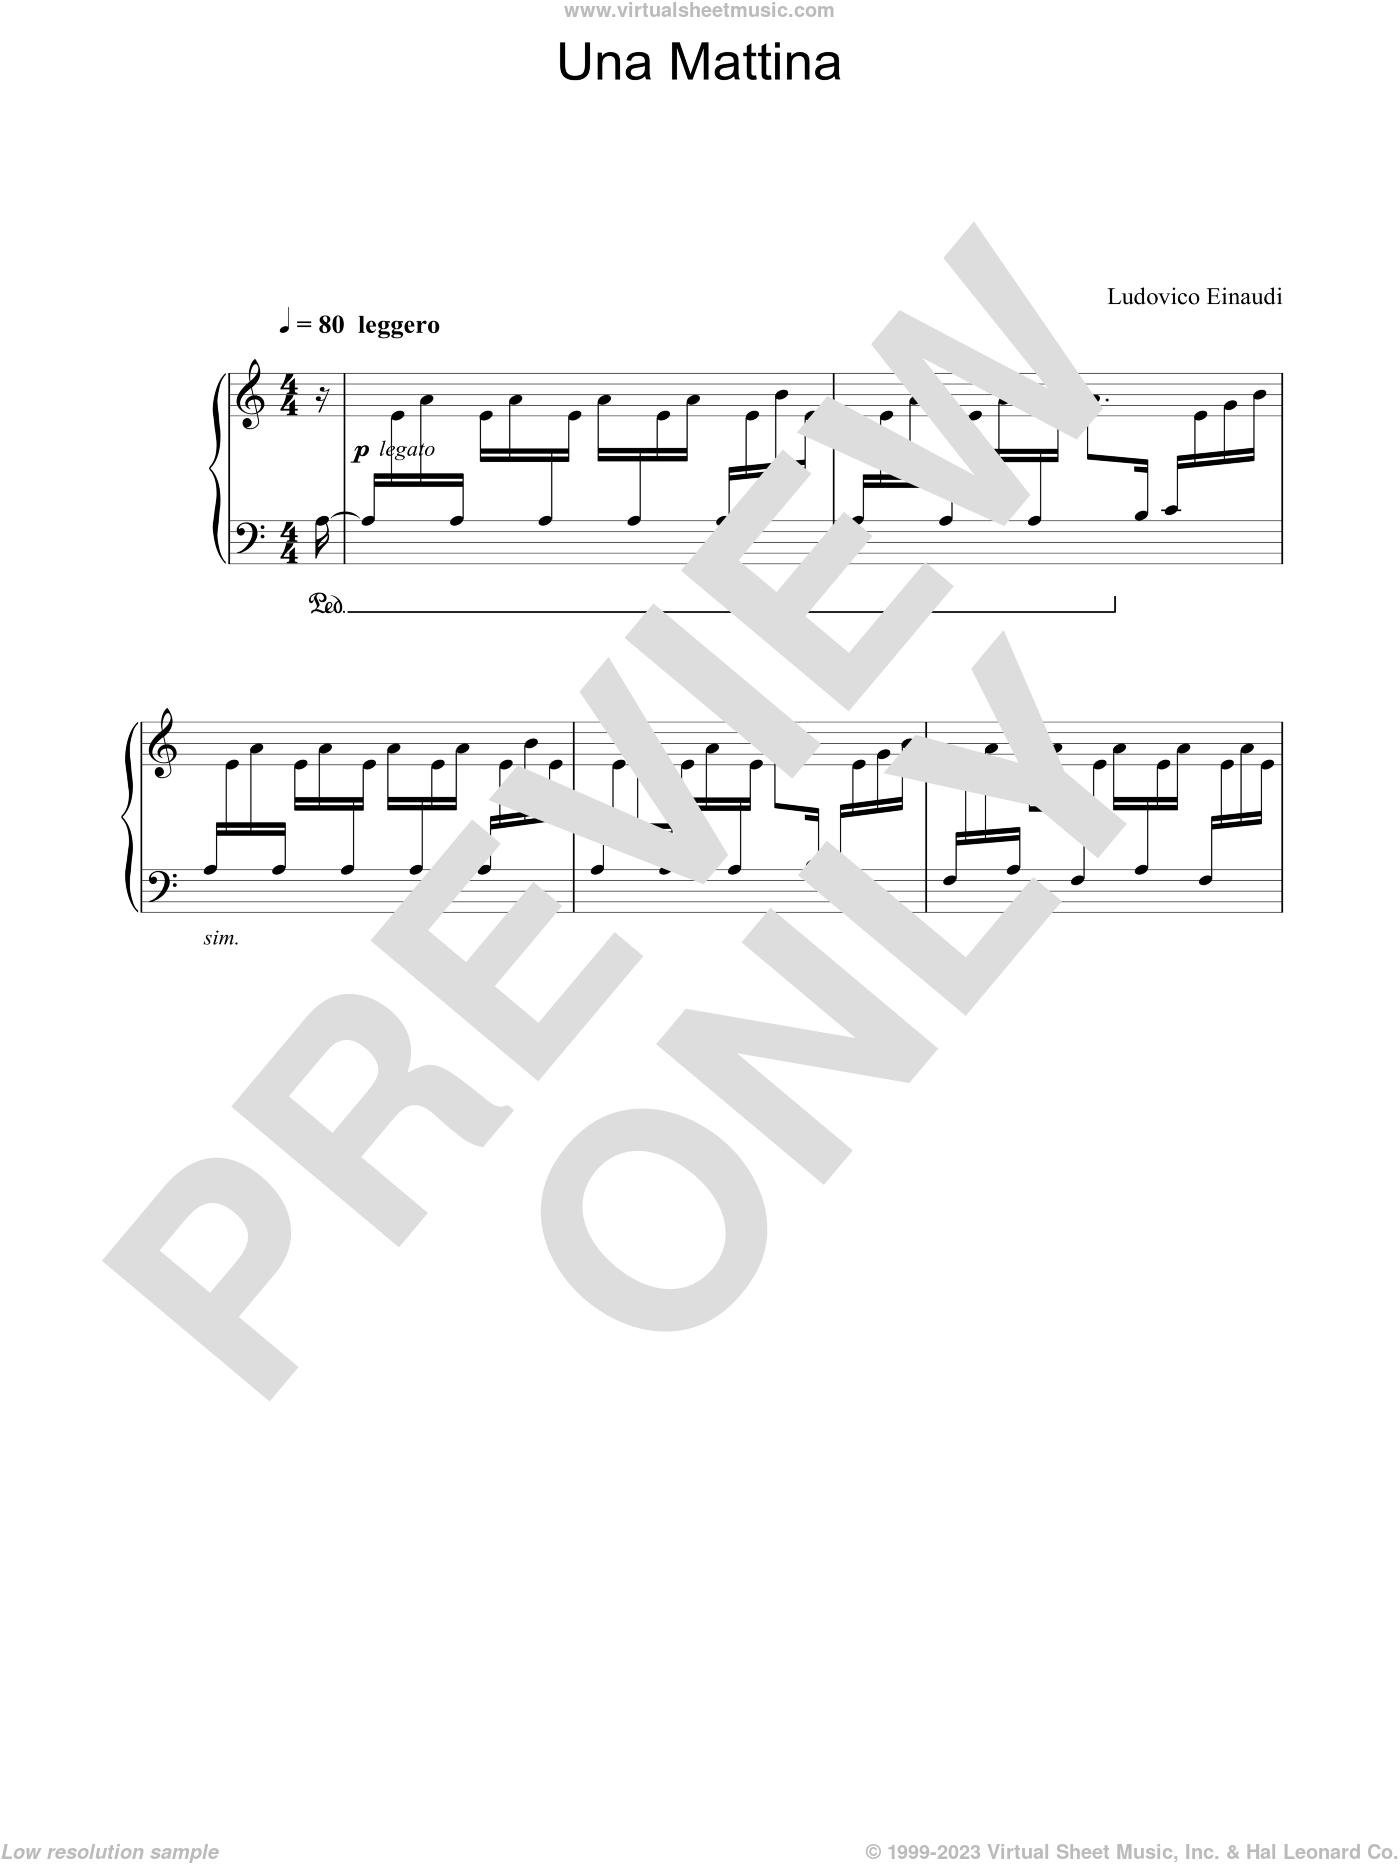 Una Mattina sheet music for piano solo by Ludovico Einaudi, classical score, intermediate skill level